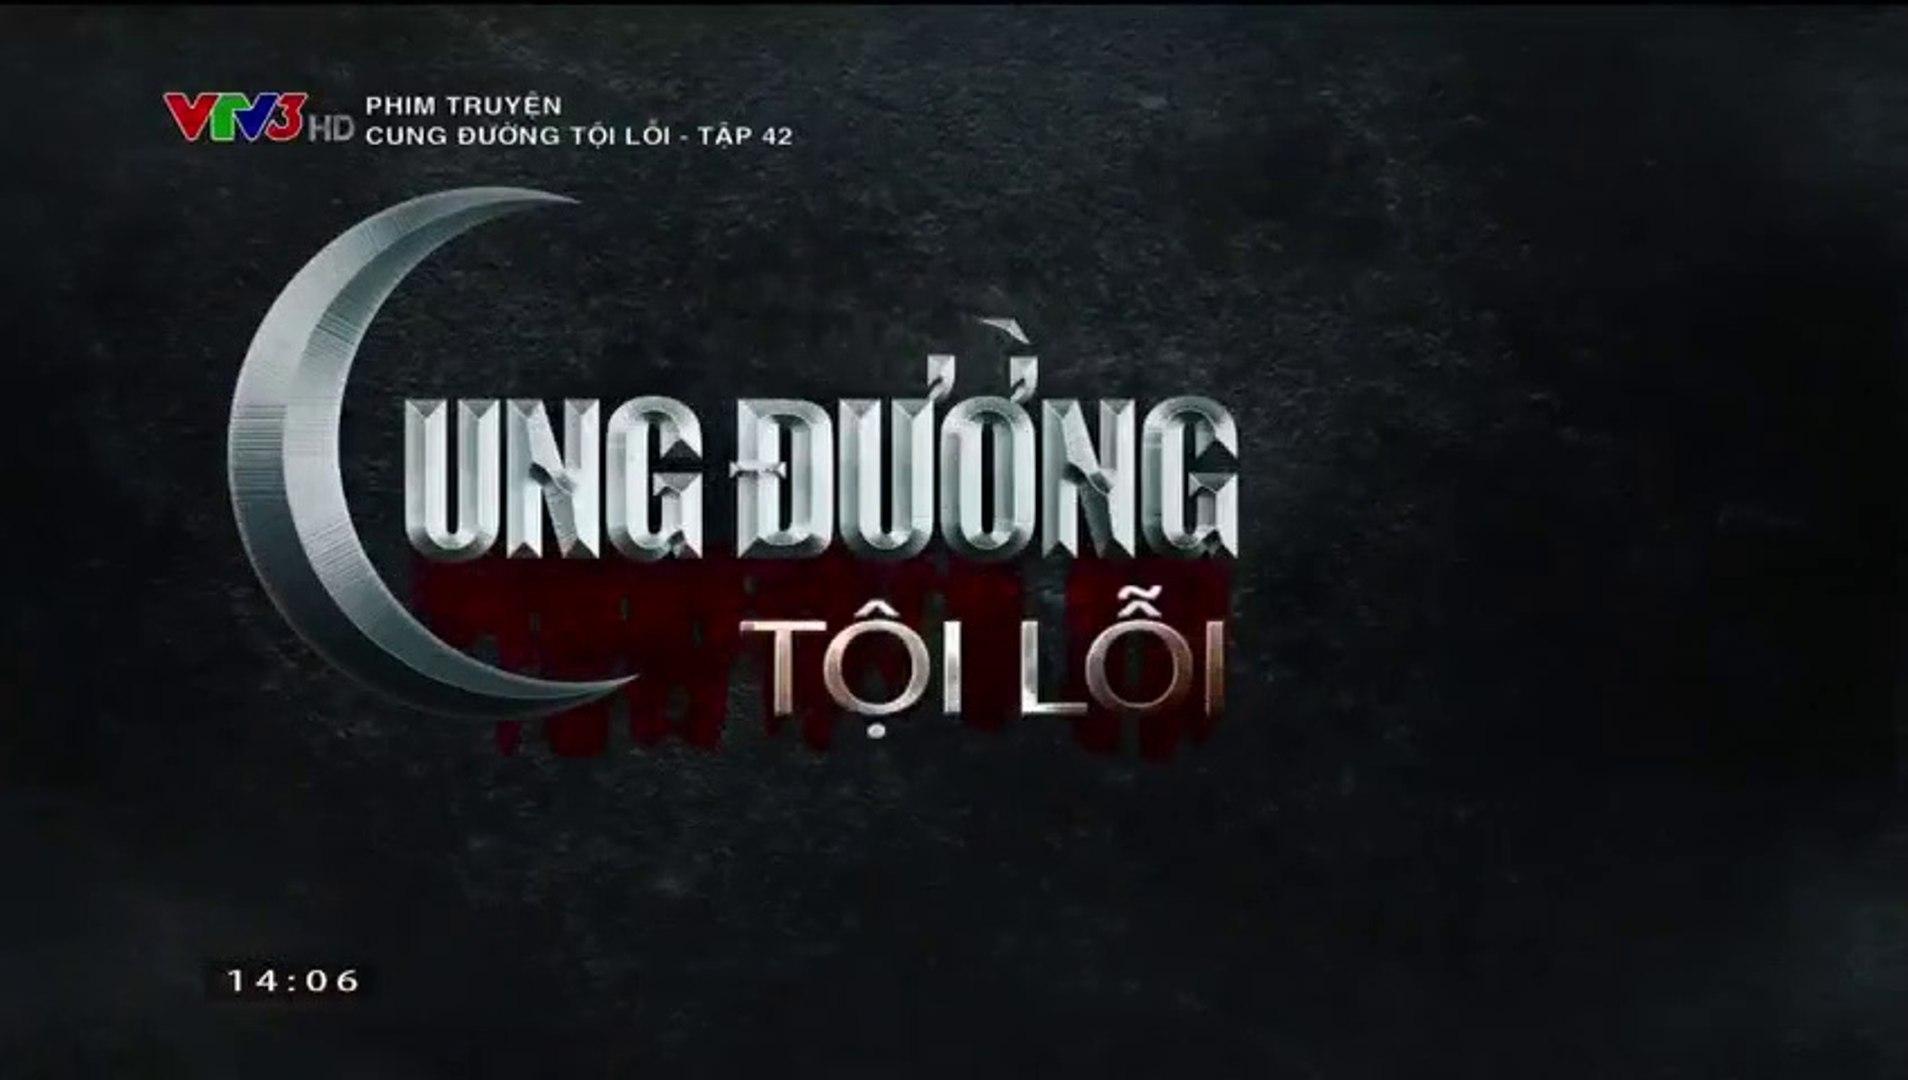 Cung Đường Tội Lỗi Tập 42 - (Bản Chuẩn Full - Phim Việt Nam VTV3) - Cung Duong Toi Loi Tap 42 - Cung